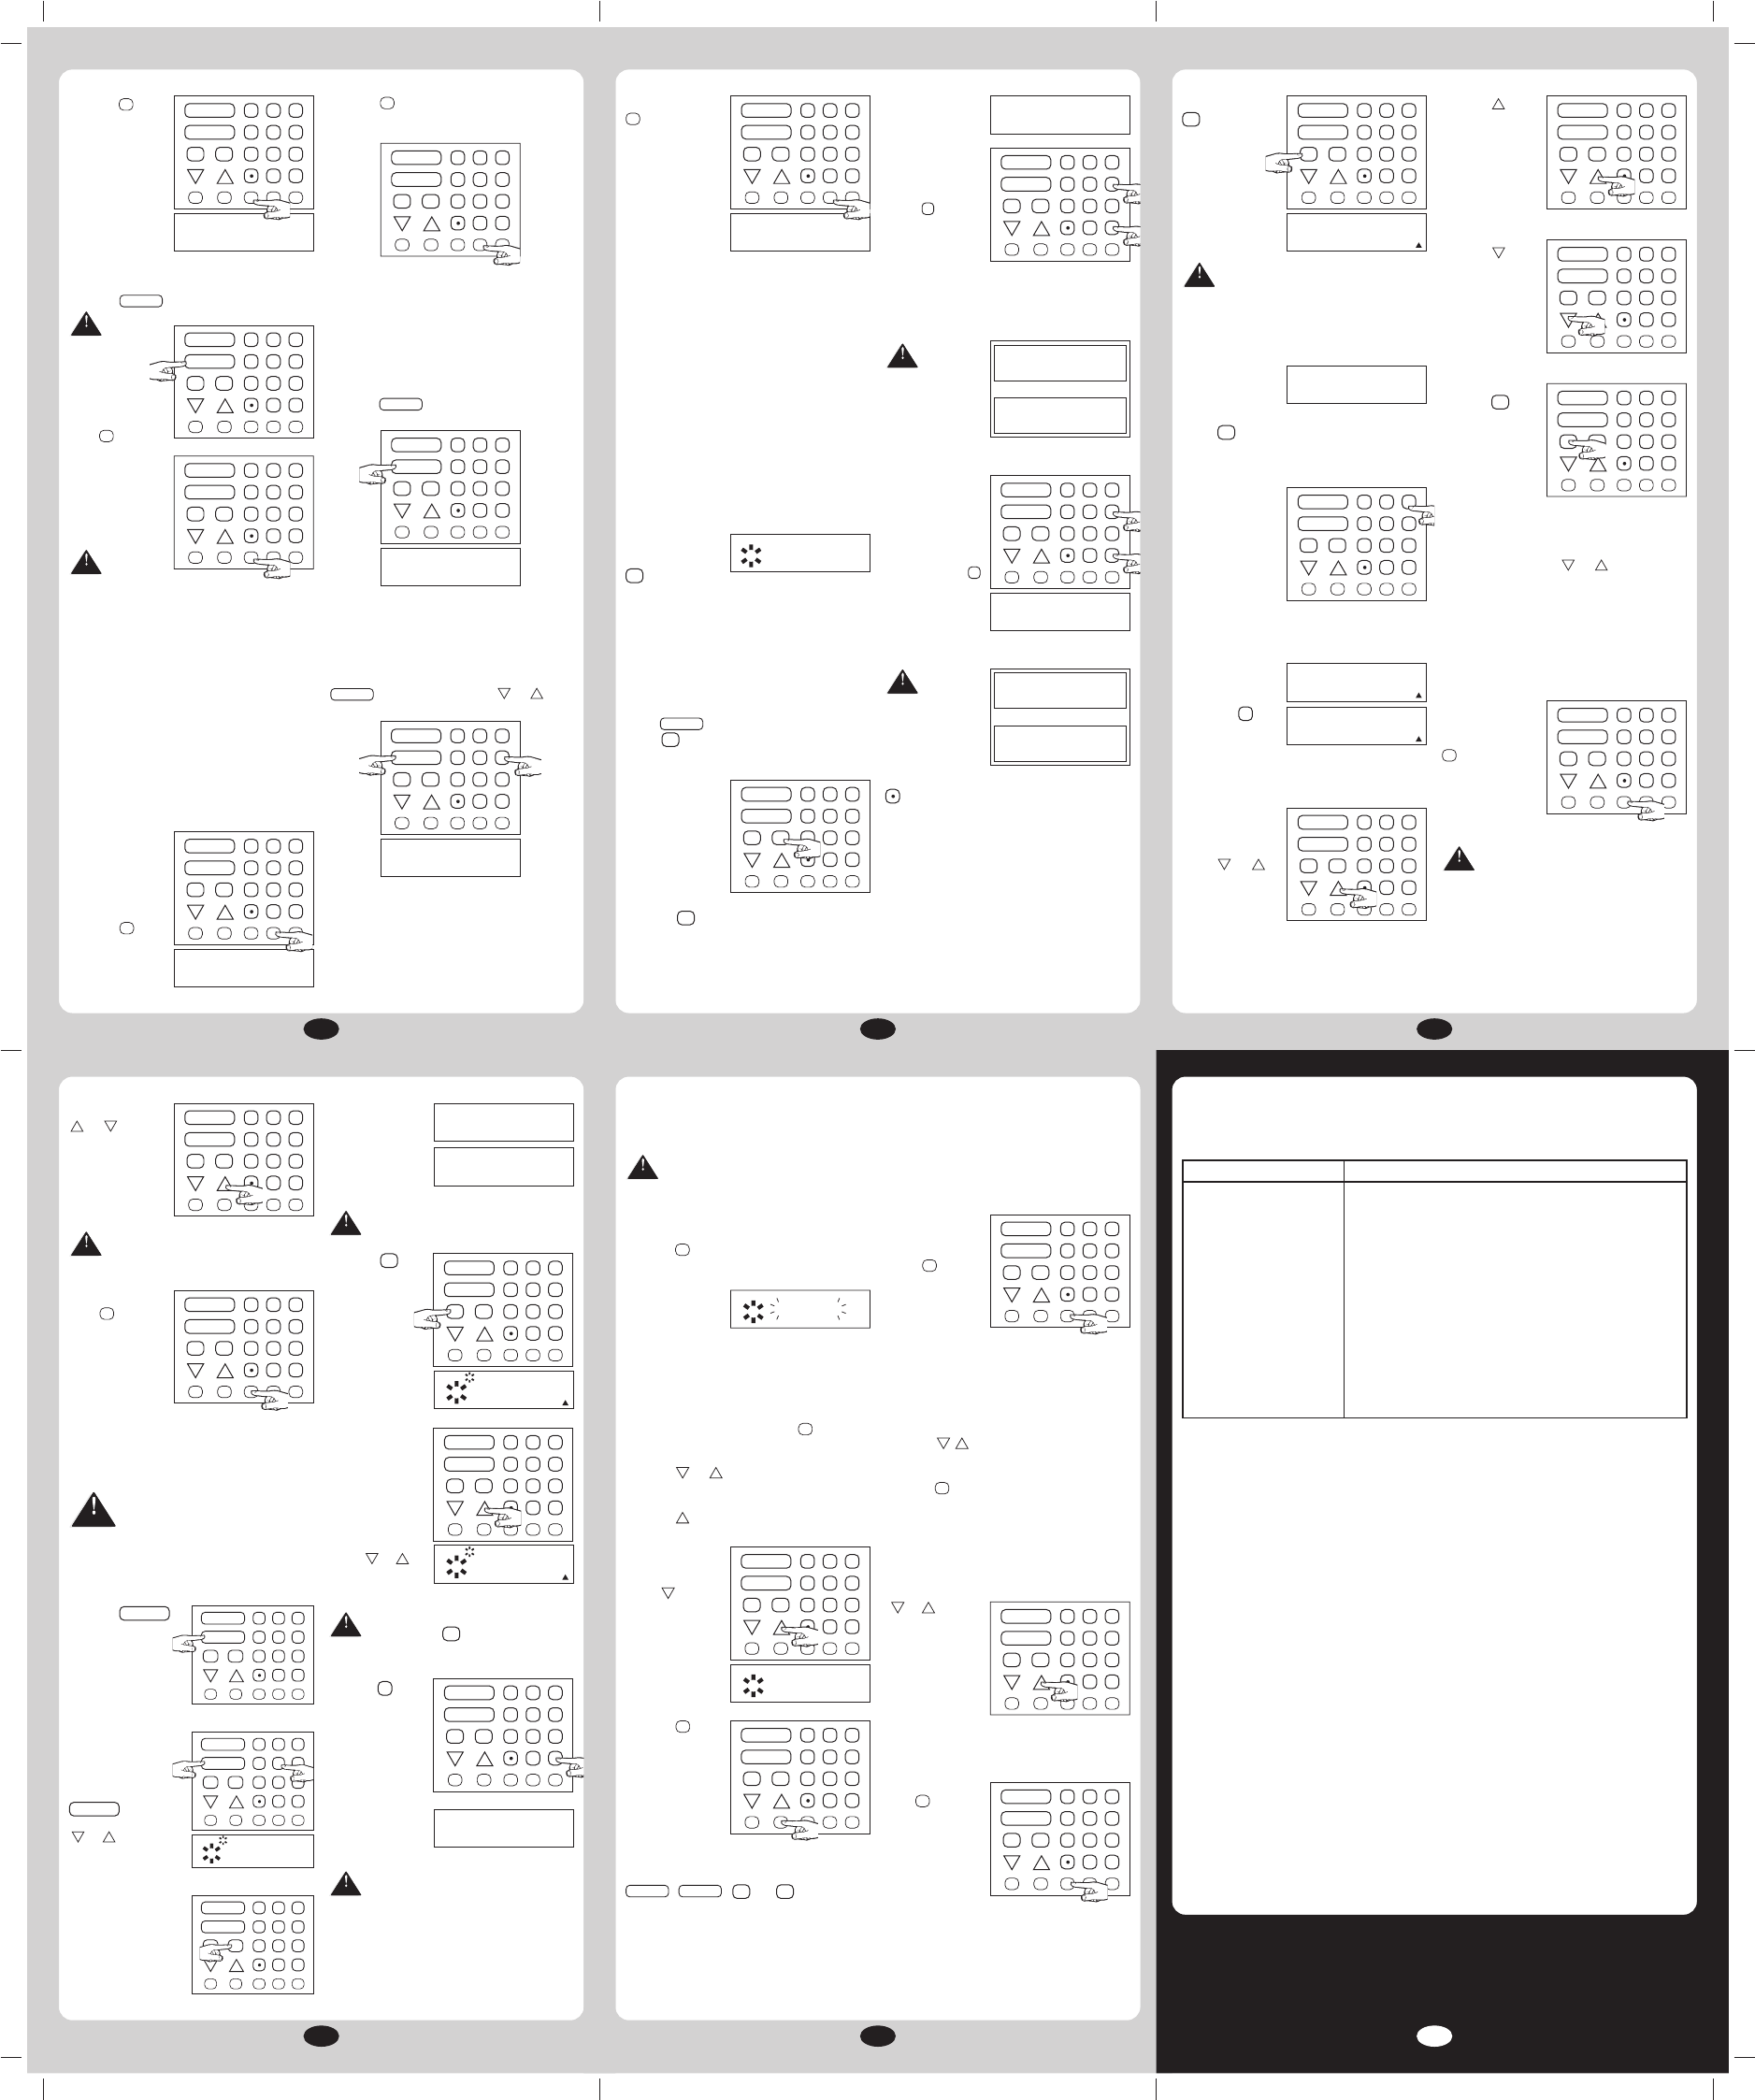 uniden ubc57xlt users manual rh usermanual wiki